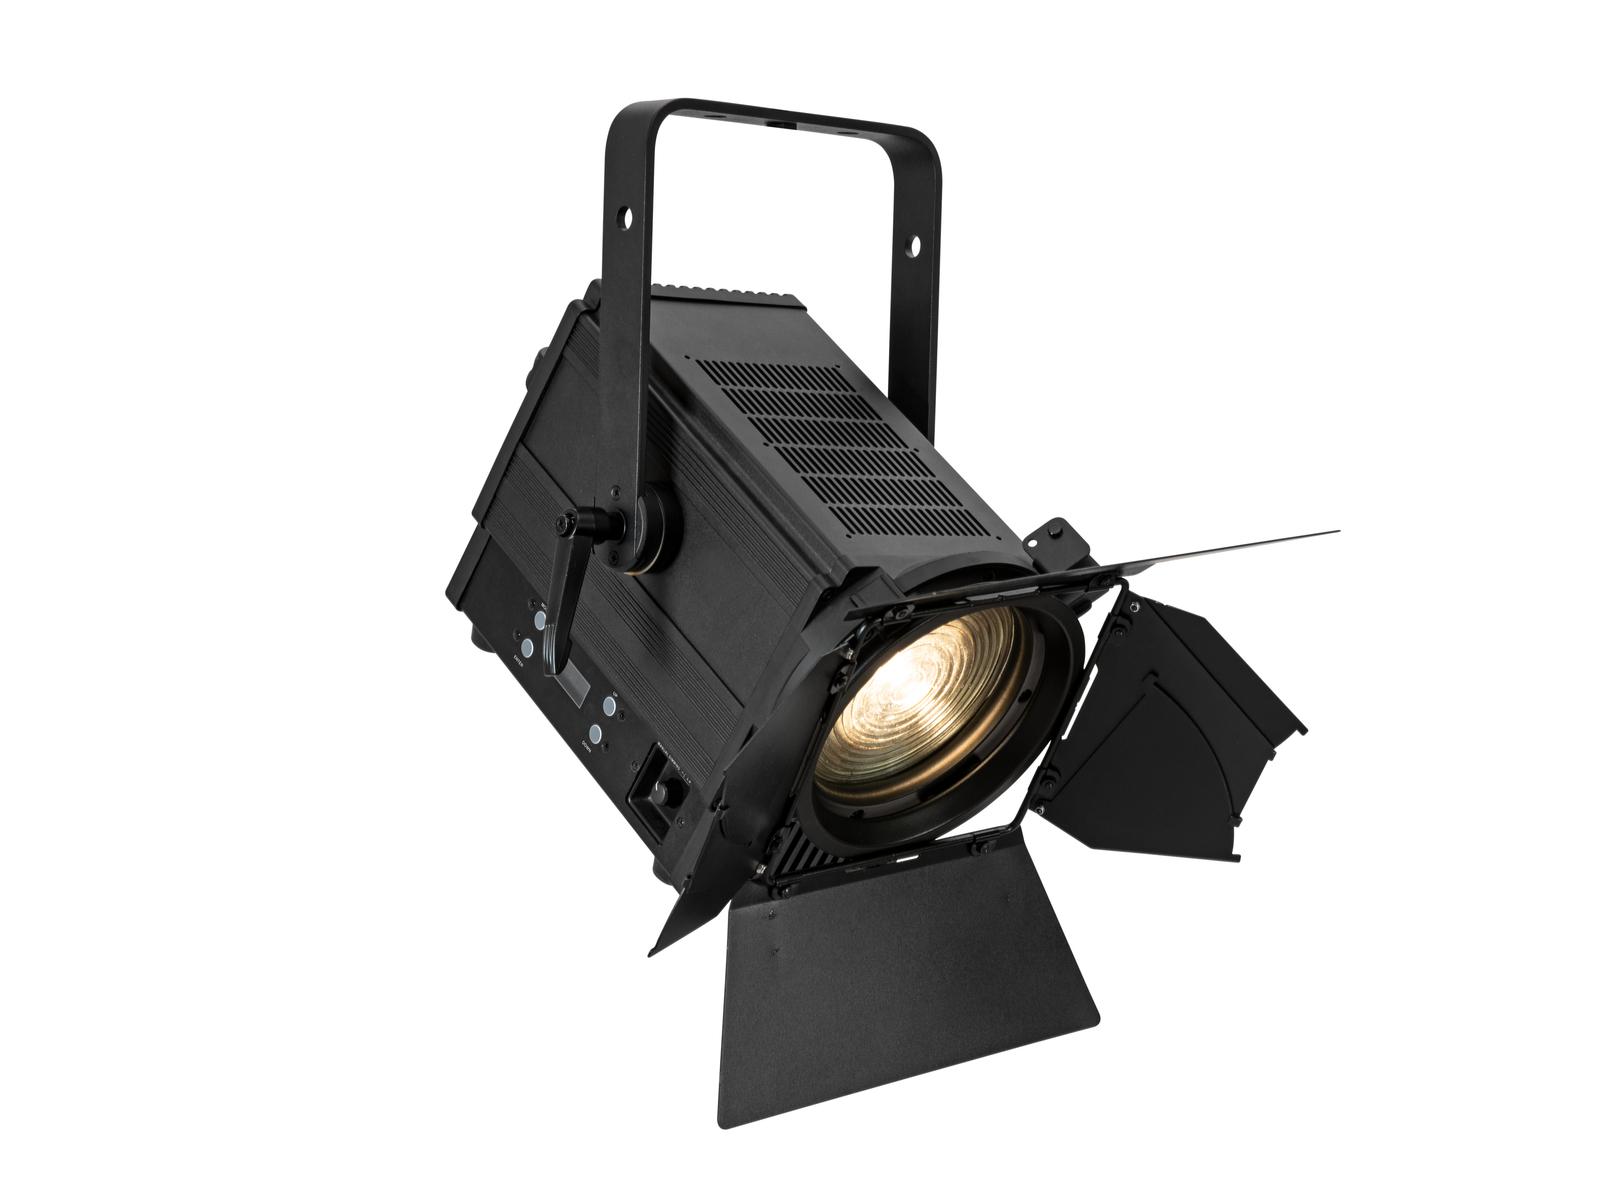 EUROLITE LED THA-100F MK3 Theater-Spot